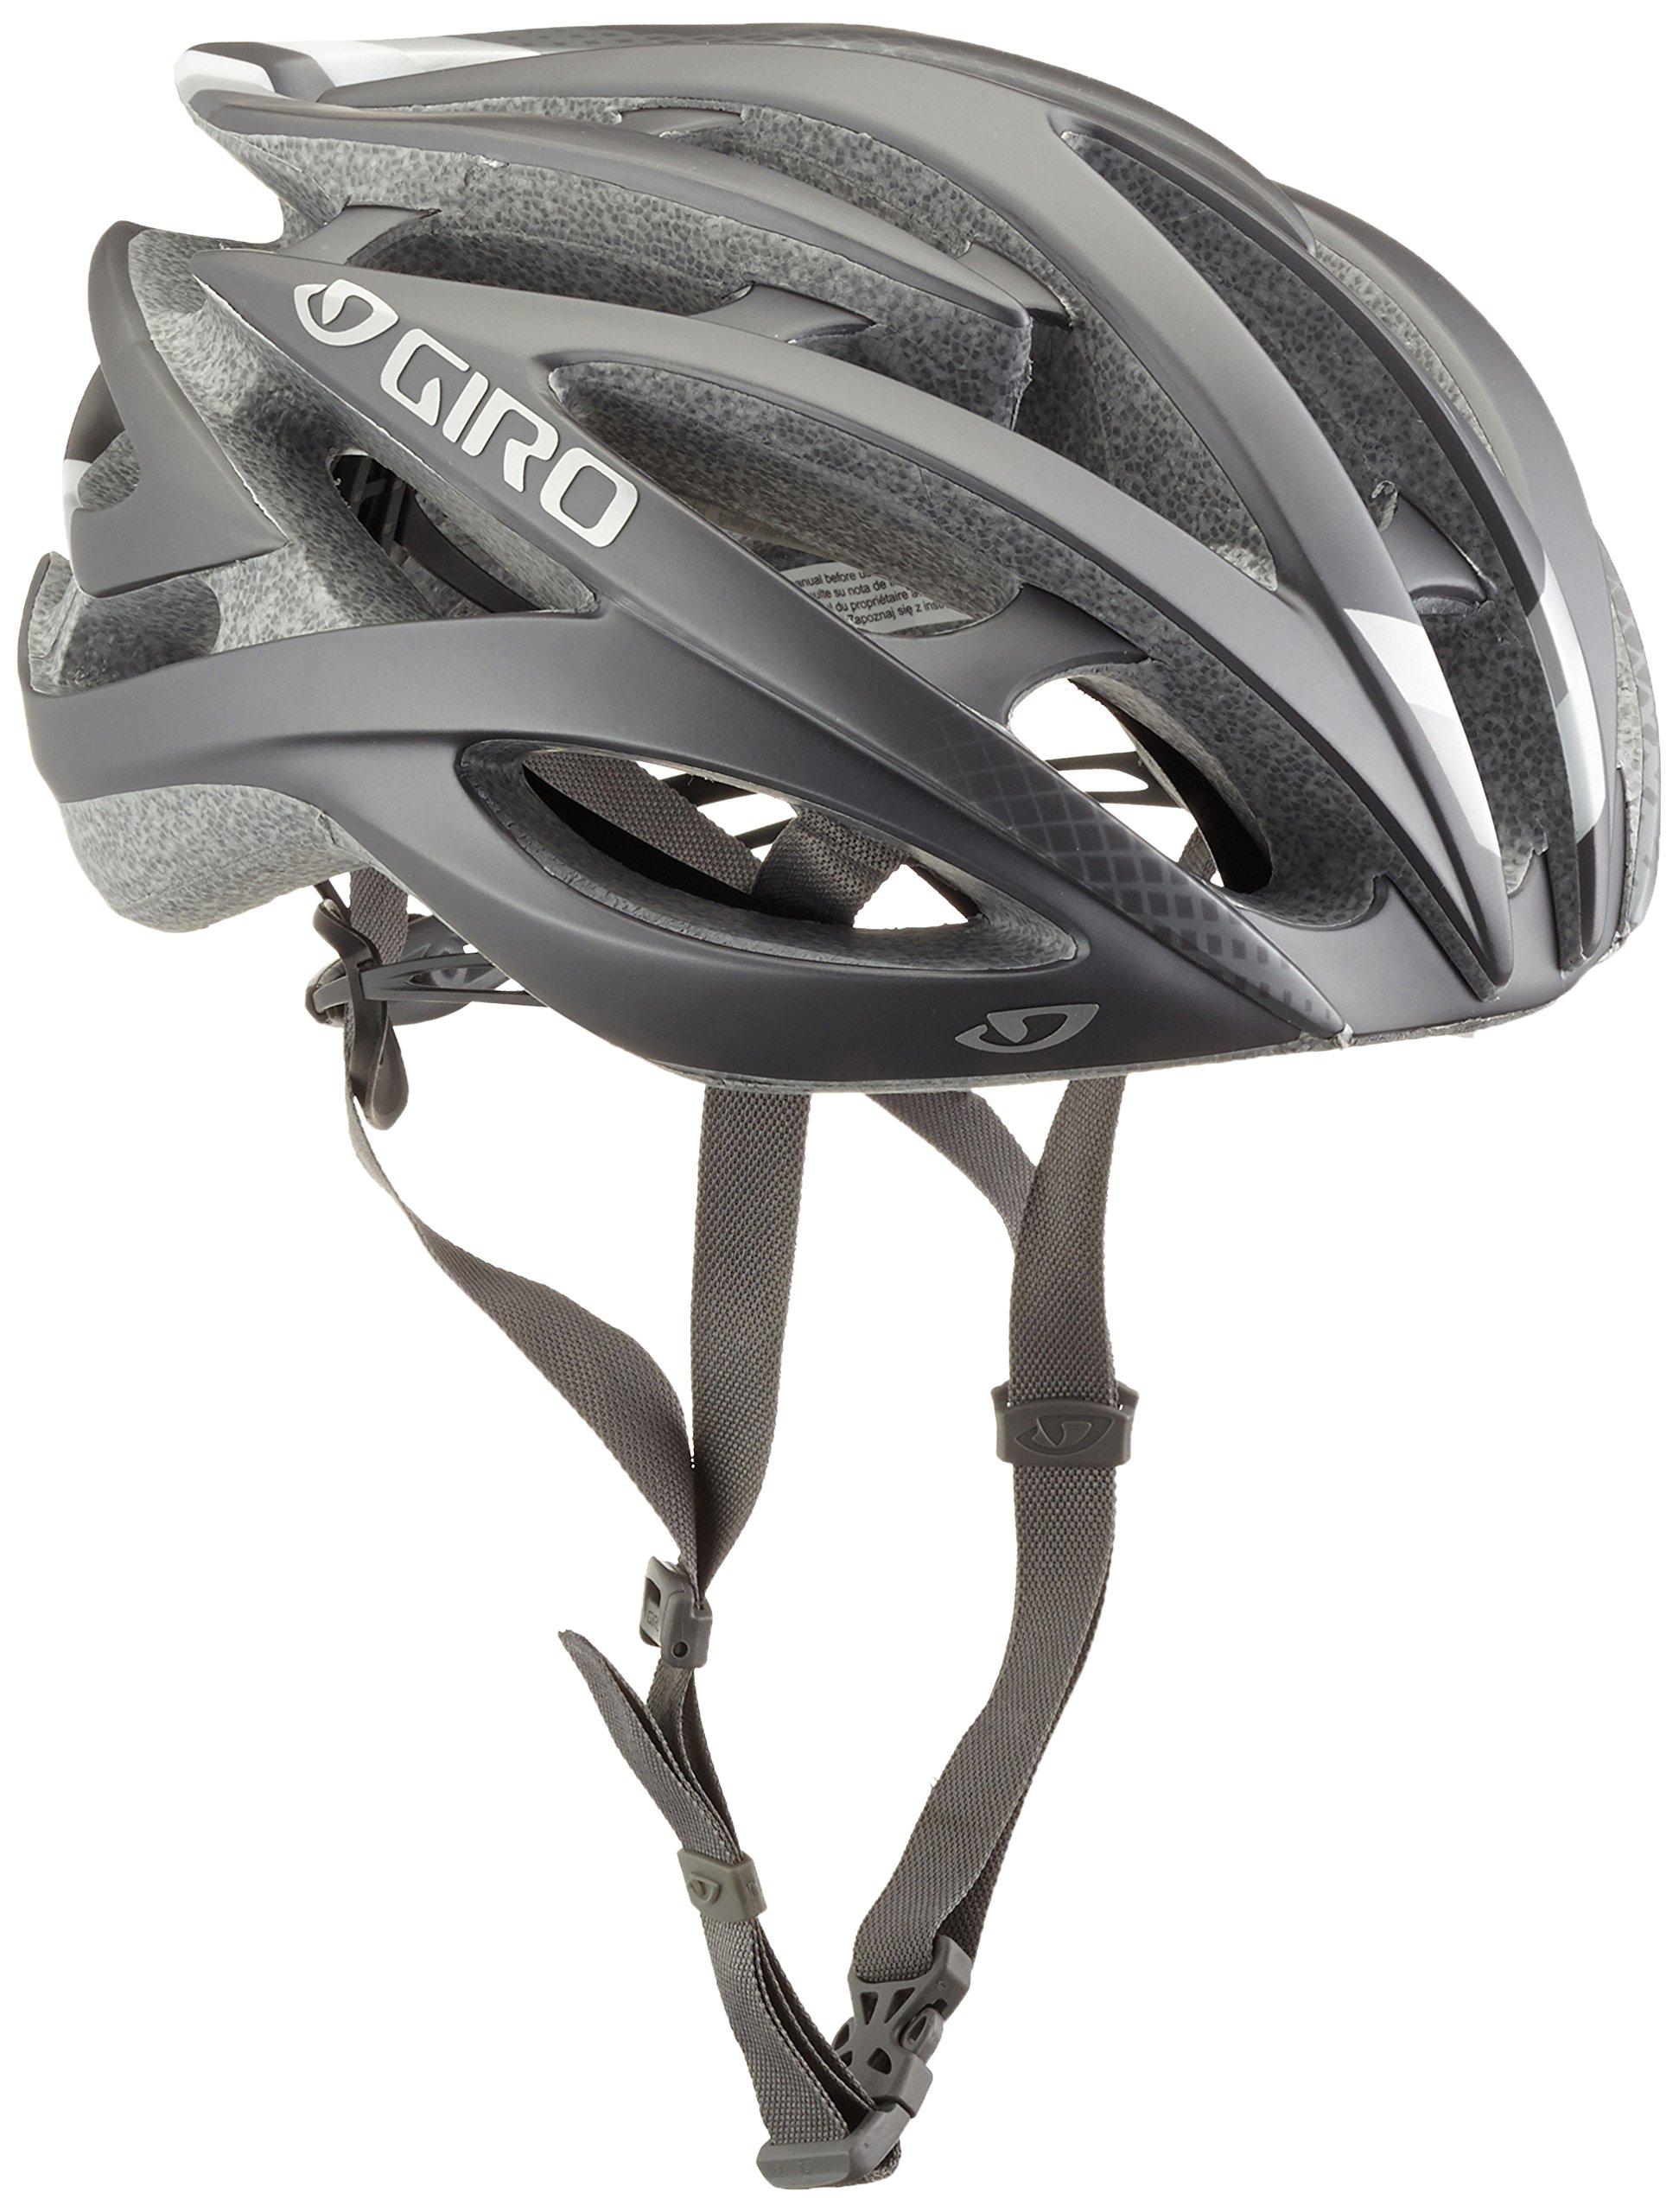 Giro Atmos II Casco, Hombre, Color Gris - Gris, tamaño Small: Giro ...